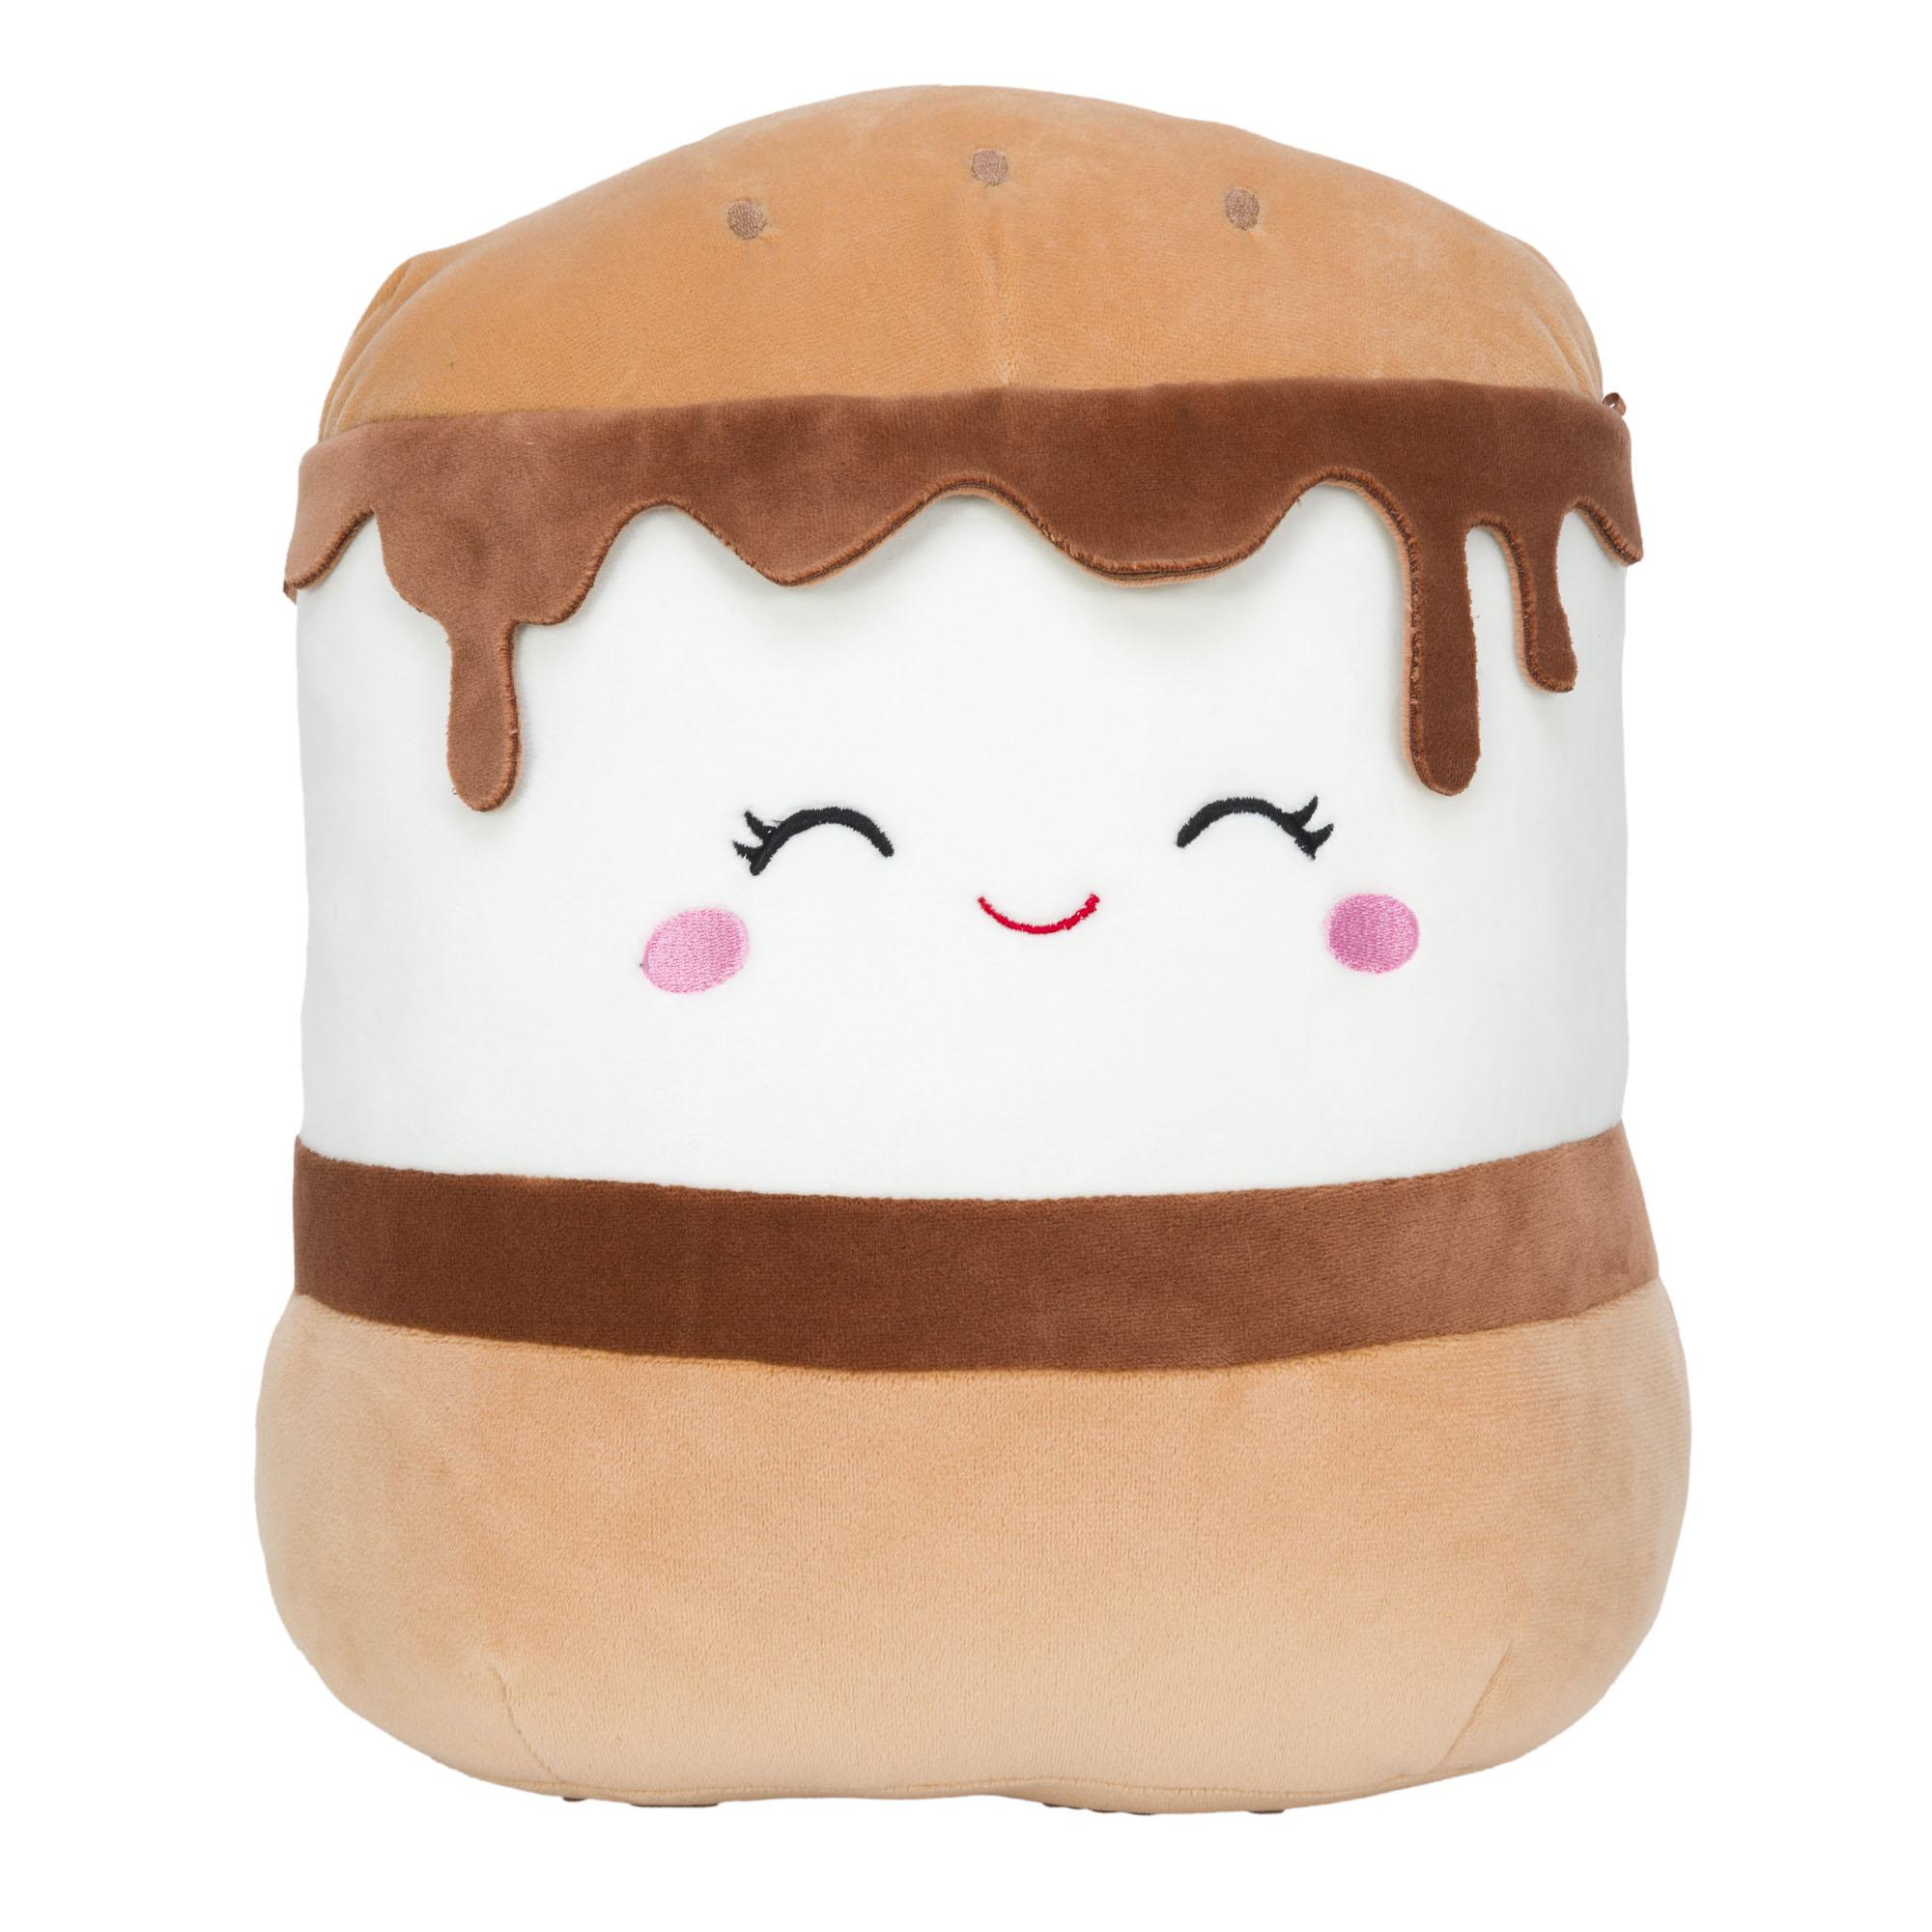 Squishmallow Food Squad